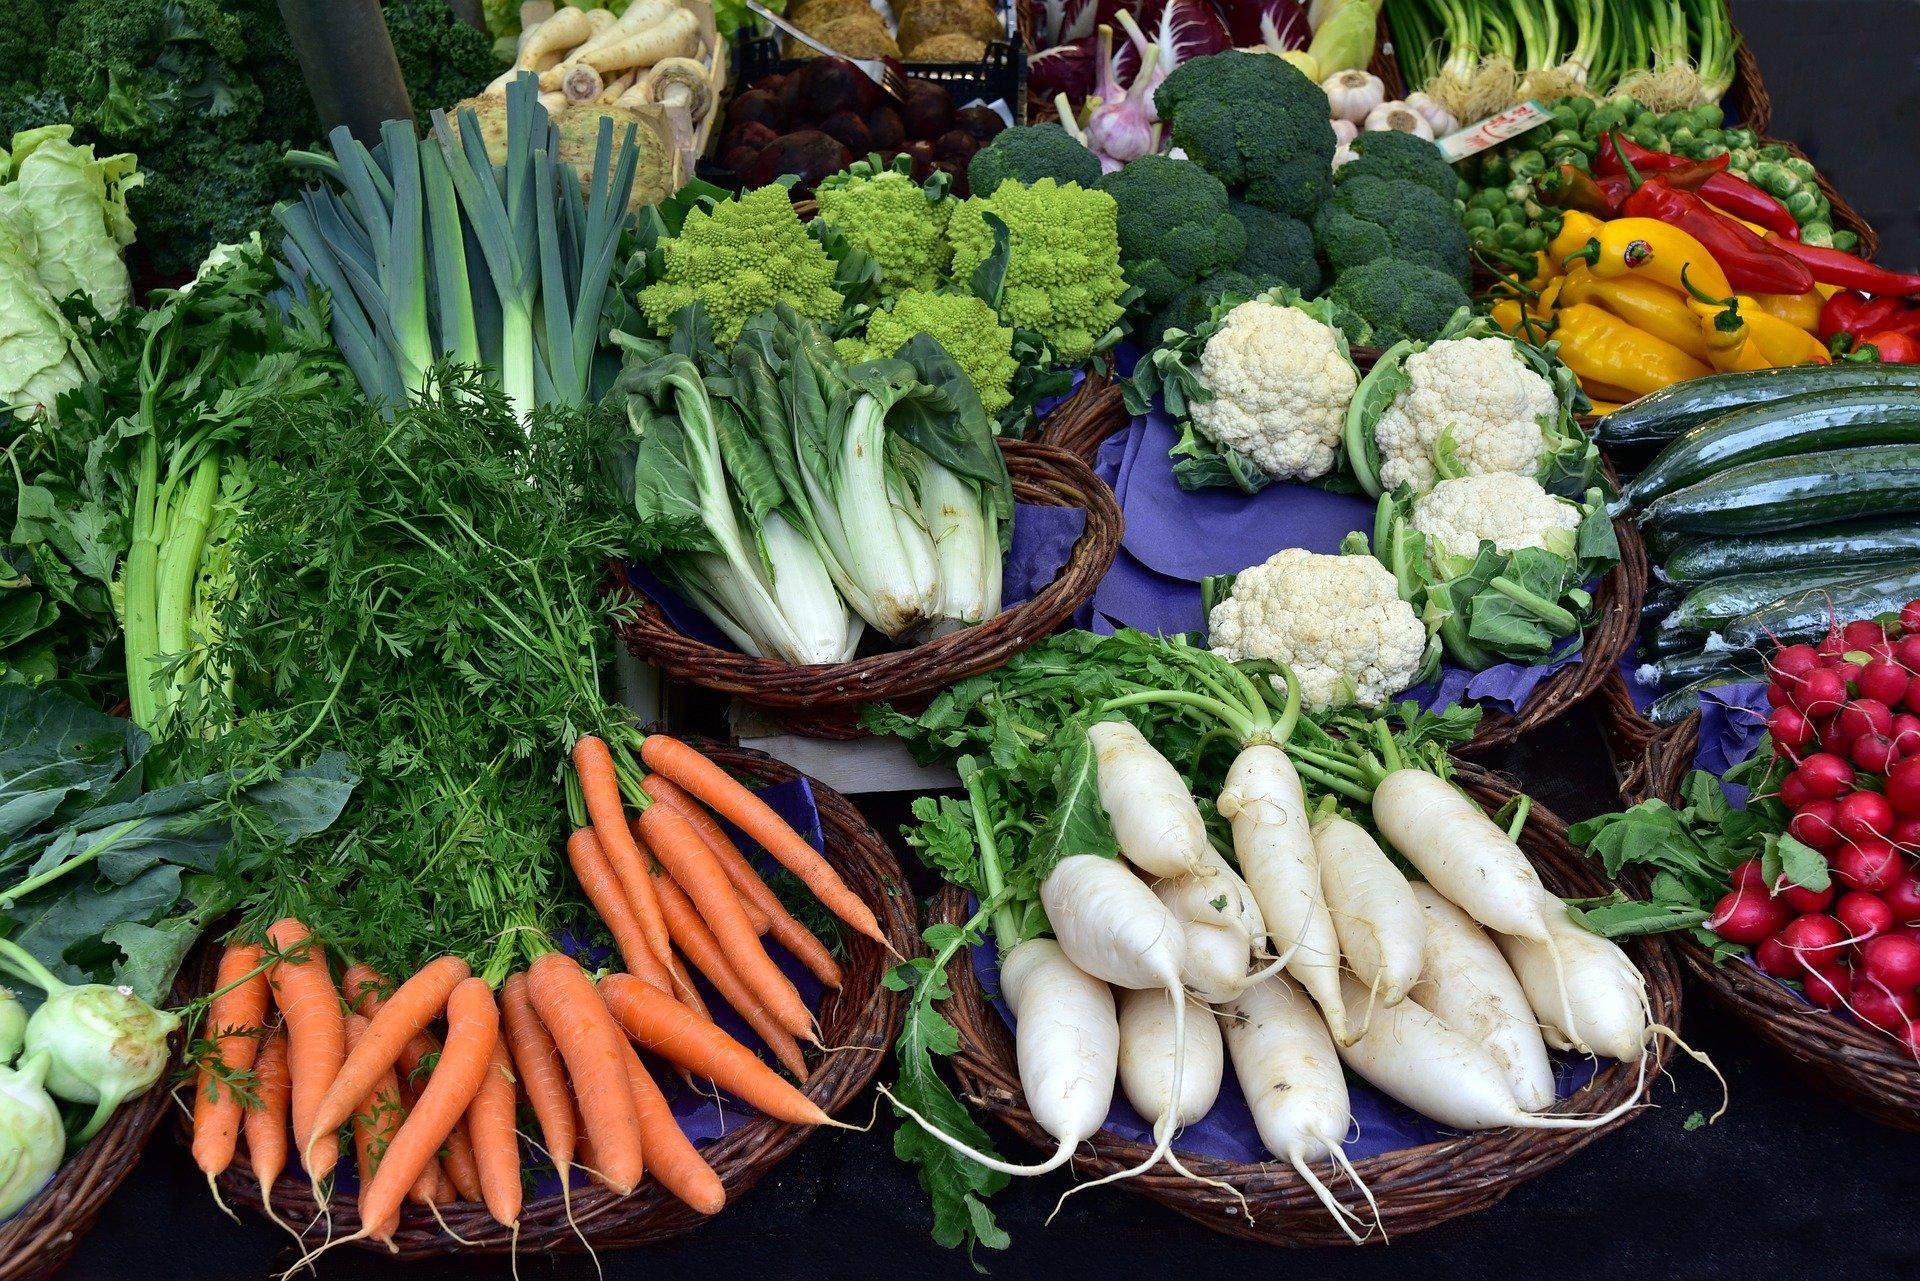 Klimafreundliche und gesunde Ernährung soll, so foodwatch, gefördert werden. (Symbolfoto: pixabay)